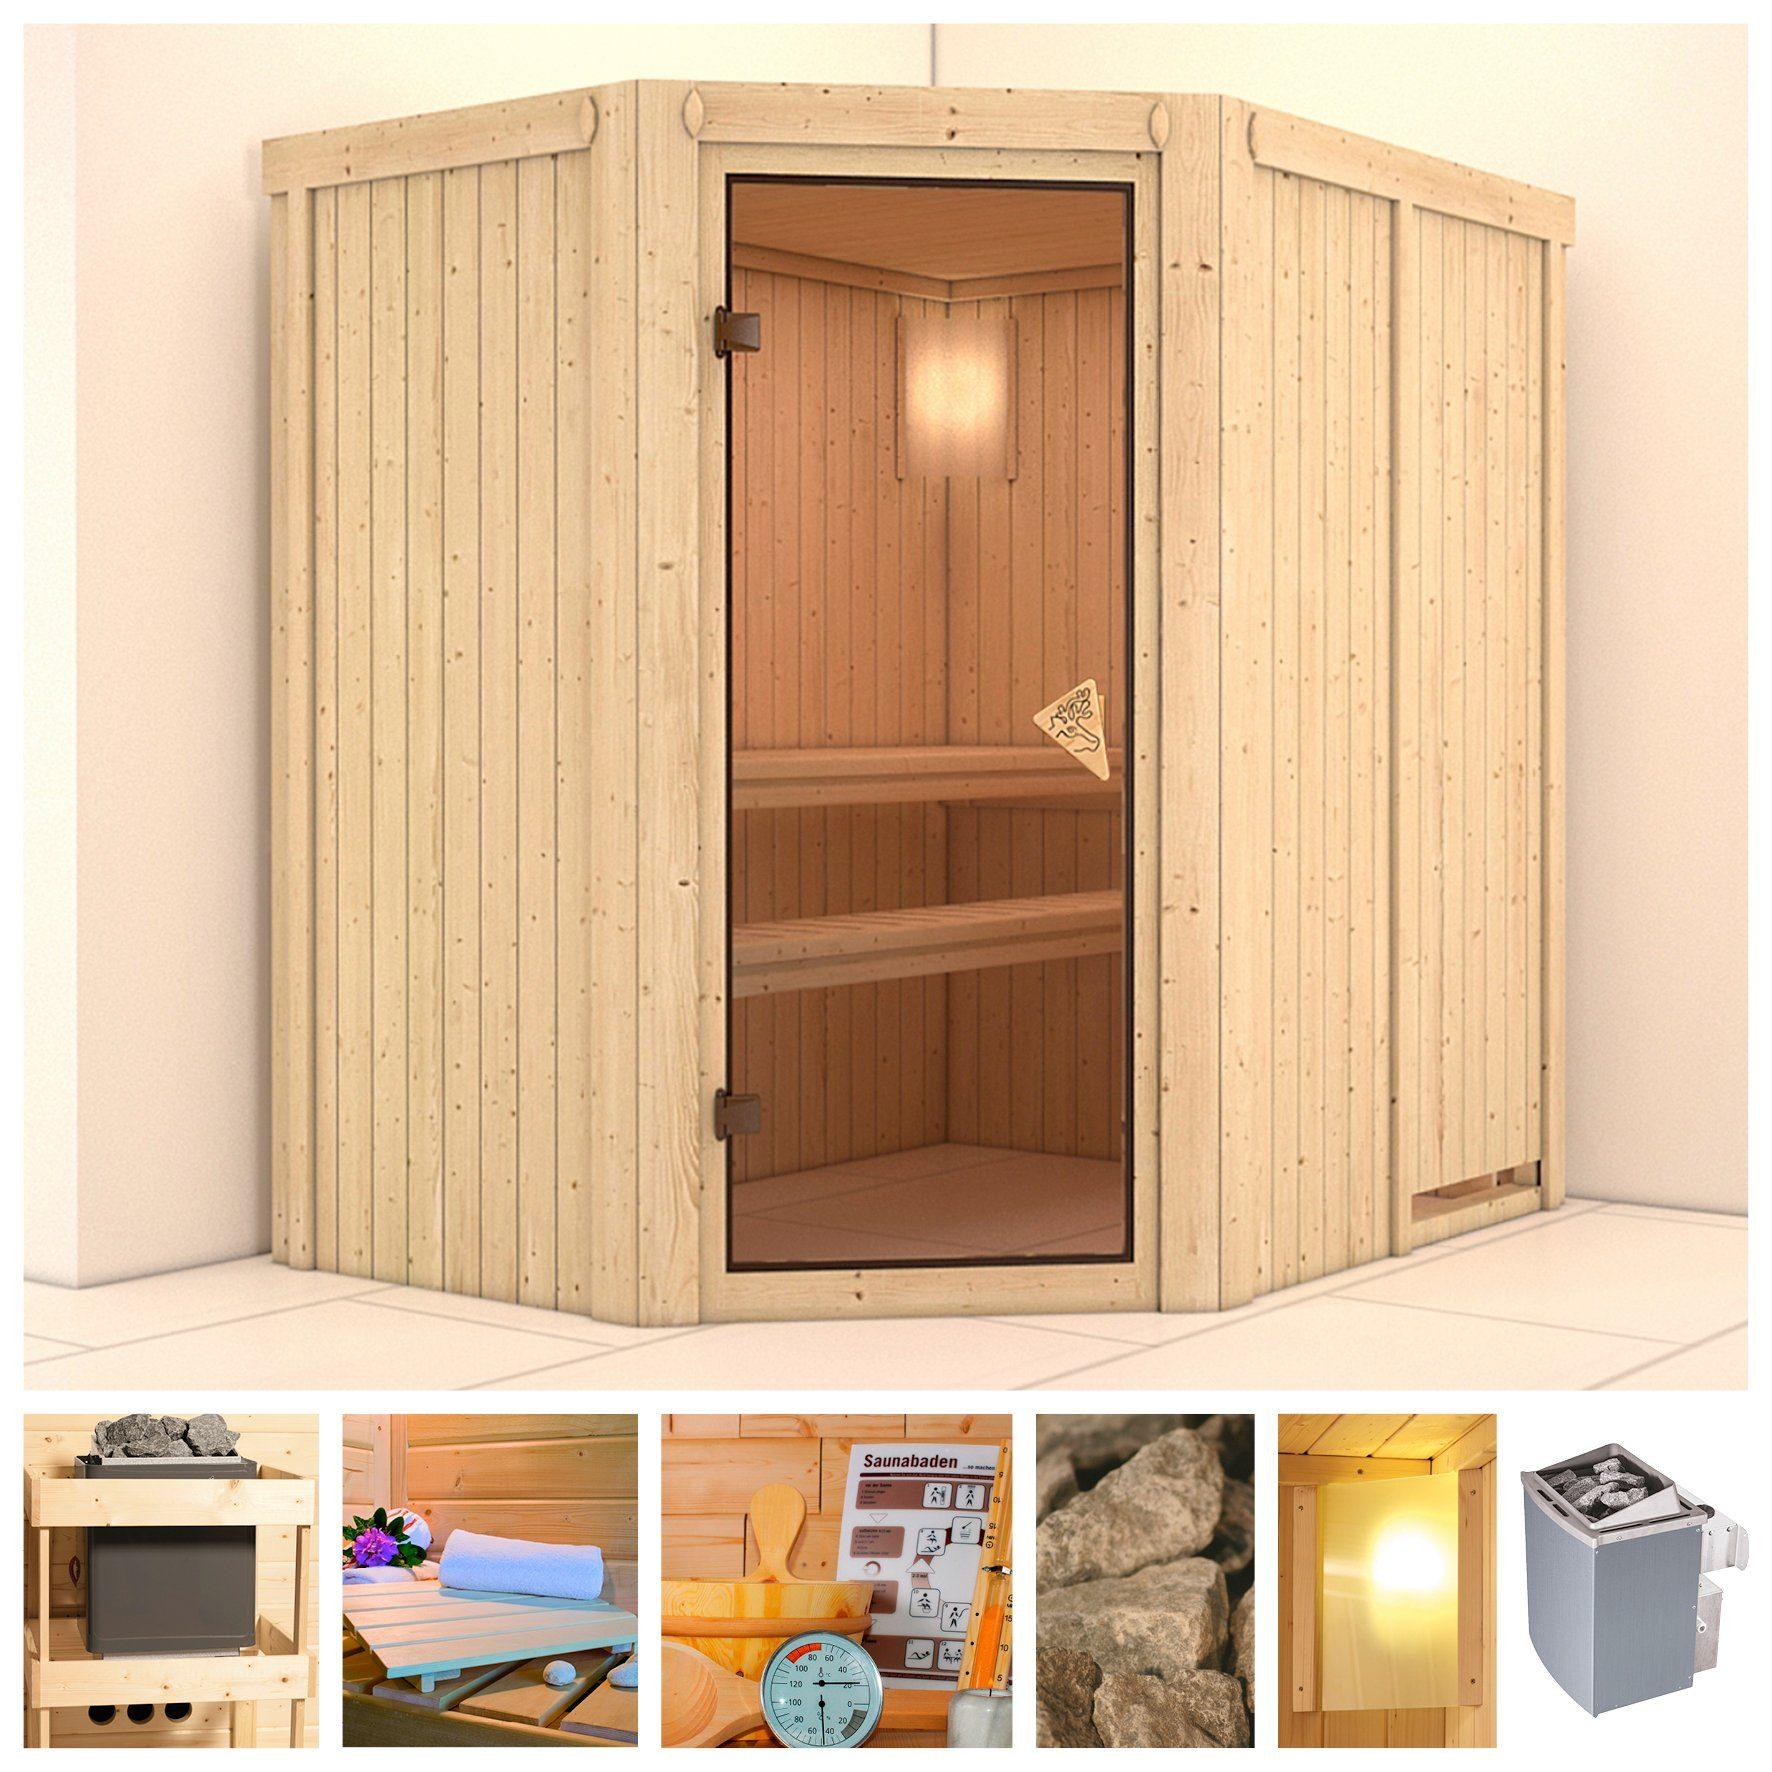 KONIFERA Sauna »Carin«, 196/151/198 cm, 68 mm, 9-kW-Ofen mit int. Steuerung